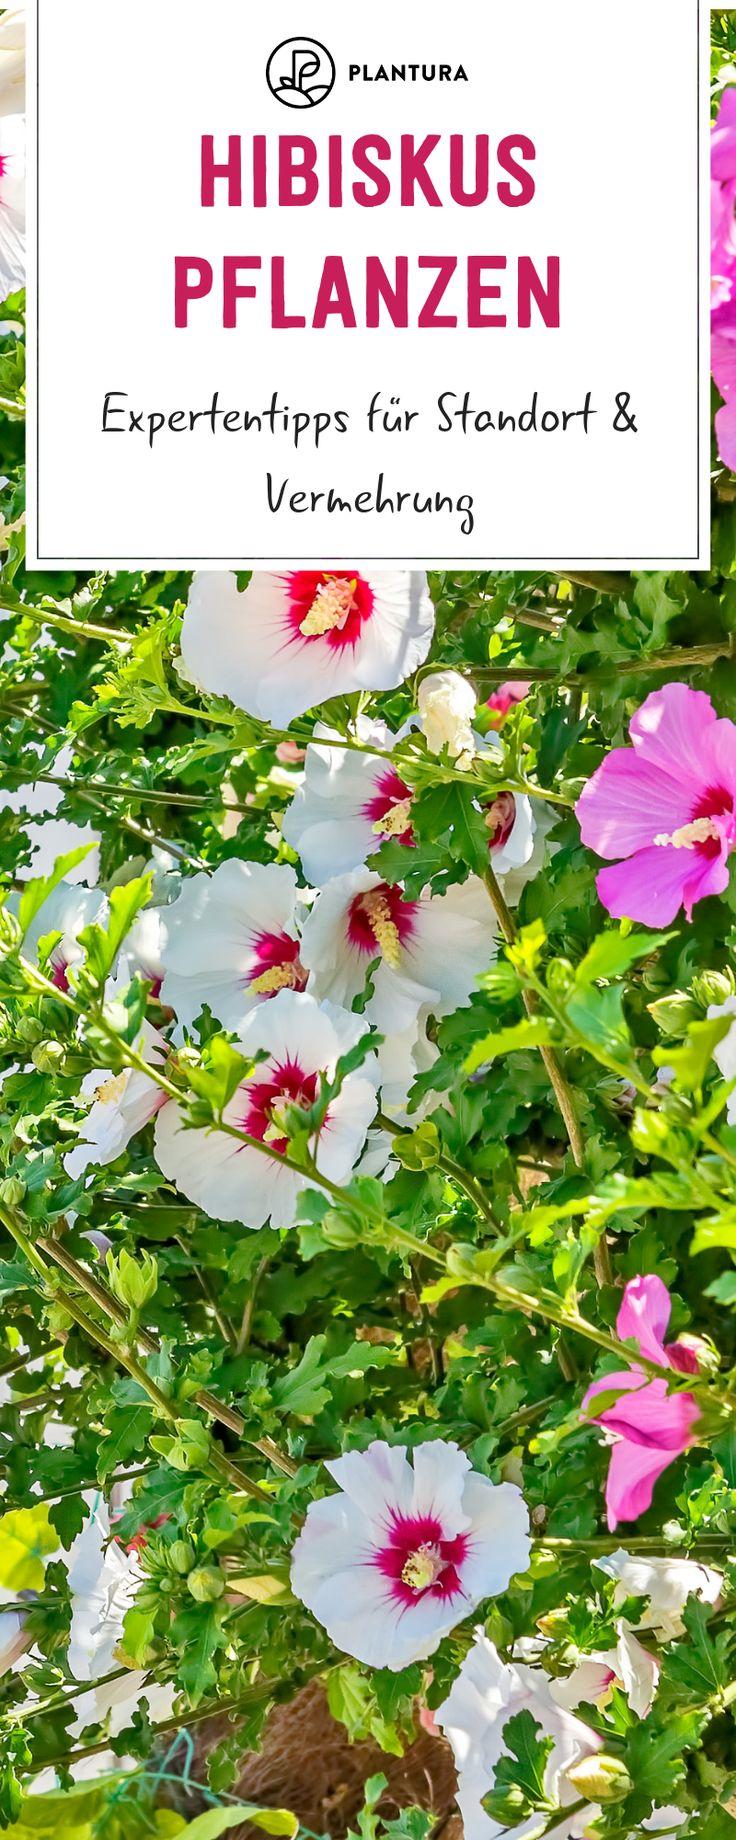 Hibiskus pflanzen: Expertentipps für Standort & Vermehrung